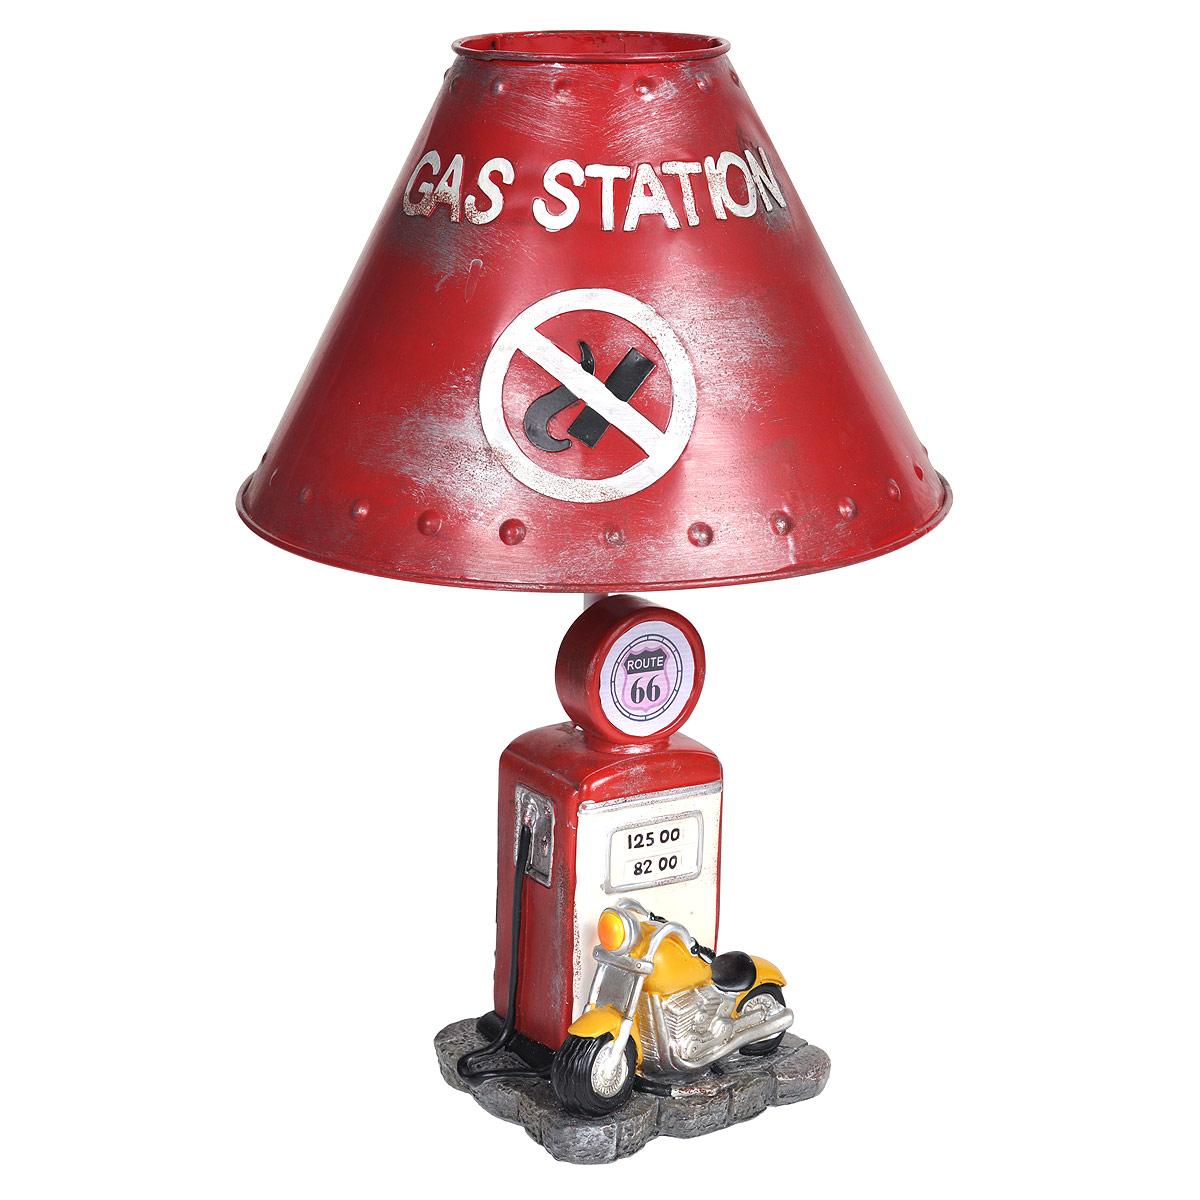 Светильник настольный Заправочная станция. 29340LSL-8201-01Настольный светильник, изготовленный из полирезины, выполнен в виде мотоцикла у заправки и оформлен металлическим абажуром красного цвета. Такой светильник прекрасно подойдет для украшения интерьера и создания атмосферы тепла и уюта. Внутри светильника расположена лампа накаливания. Светильник работает от электросети и включается при помощи кнопки на шнуре. Характеристики: Материал: полистоун, металл, пластик. Высота светильника: 39 см. Диаметр абажура: 26 см. Размер основания светильника: 12,5 см х 11 см. Мощность лампы: 40 Вт. Цоколь: Е27. Напряжение: 220 В, частота 50 Гц. Длина шнура: 150 см.